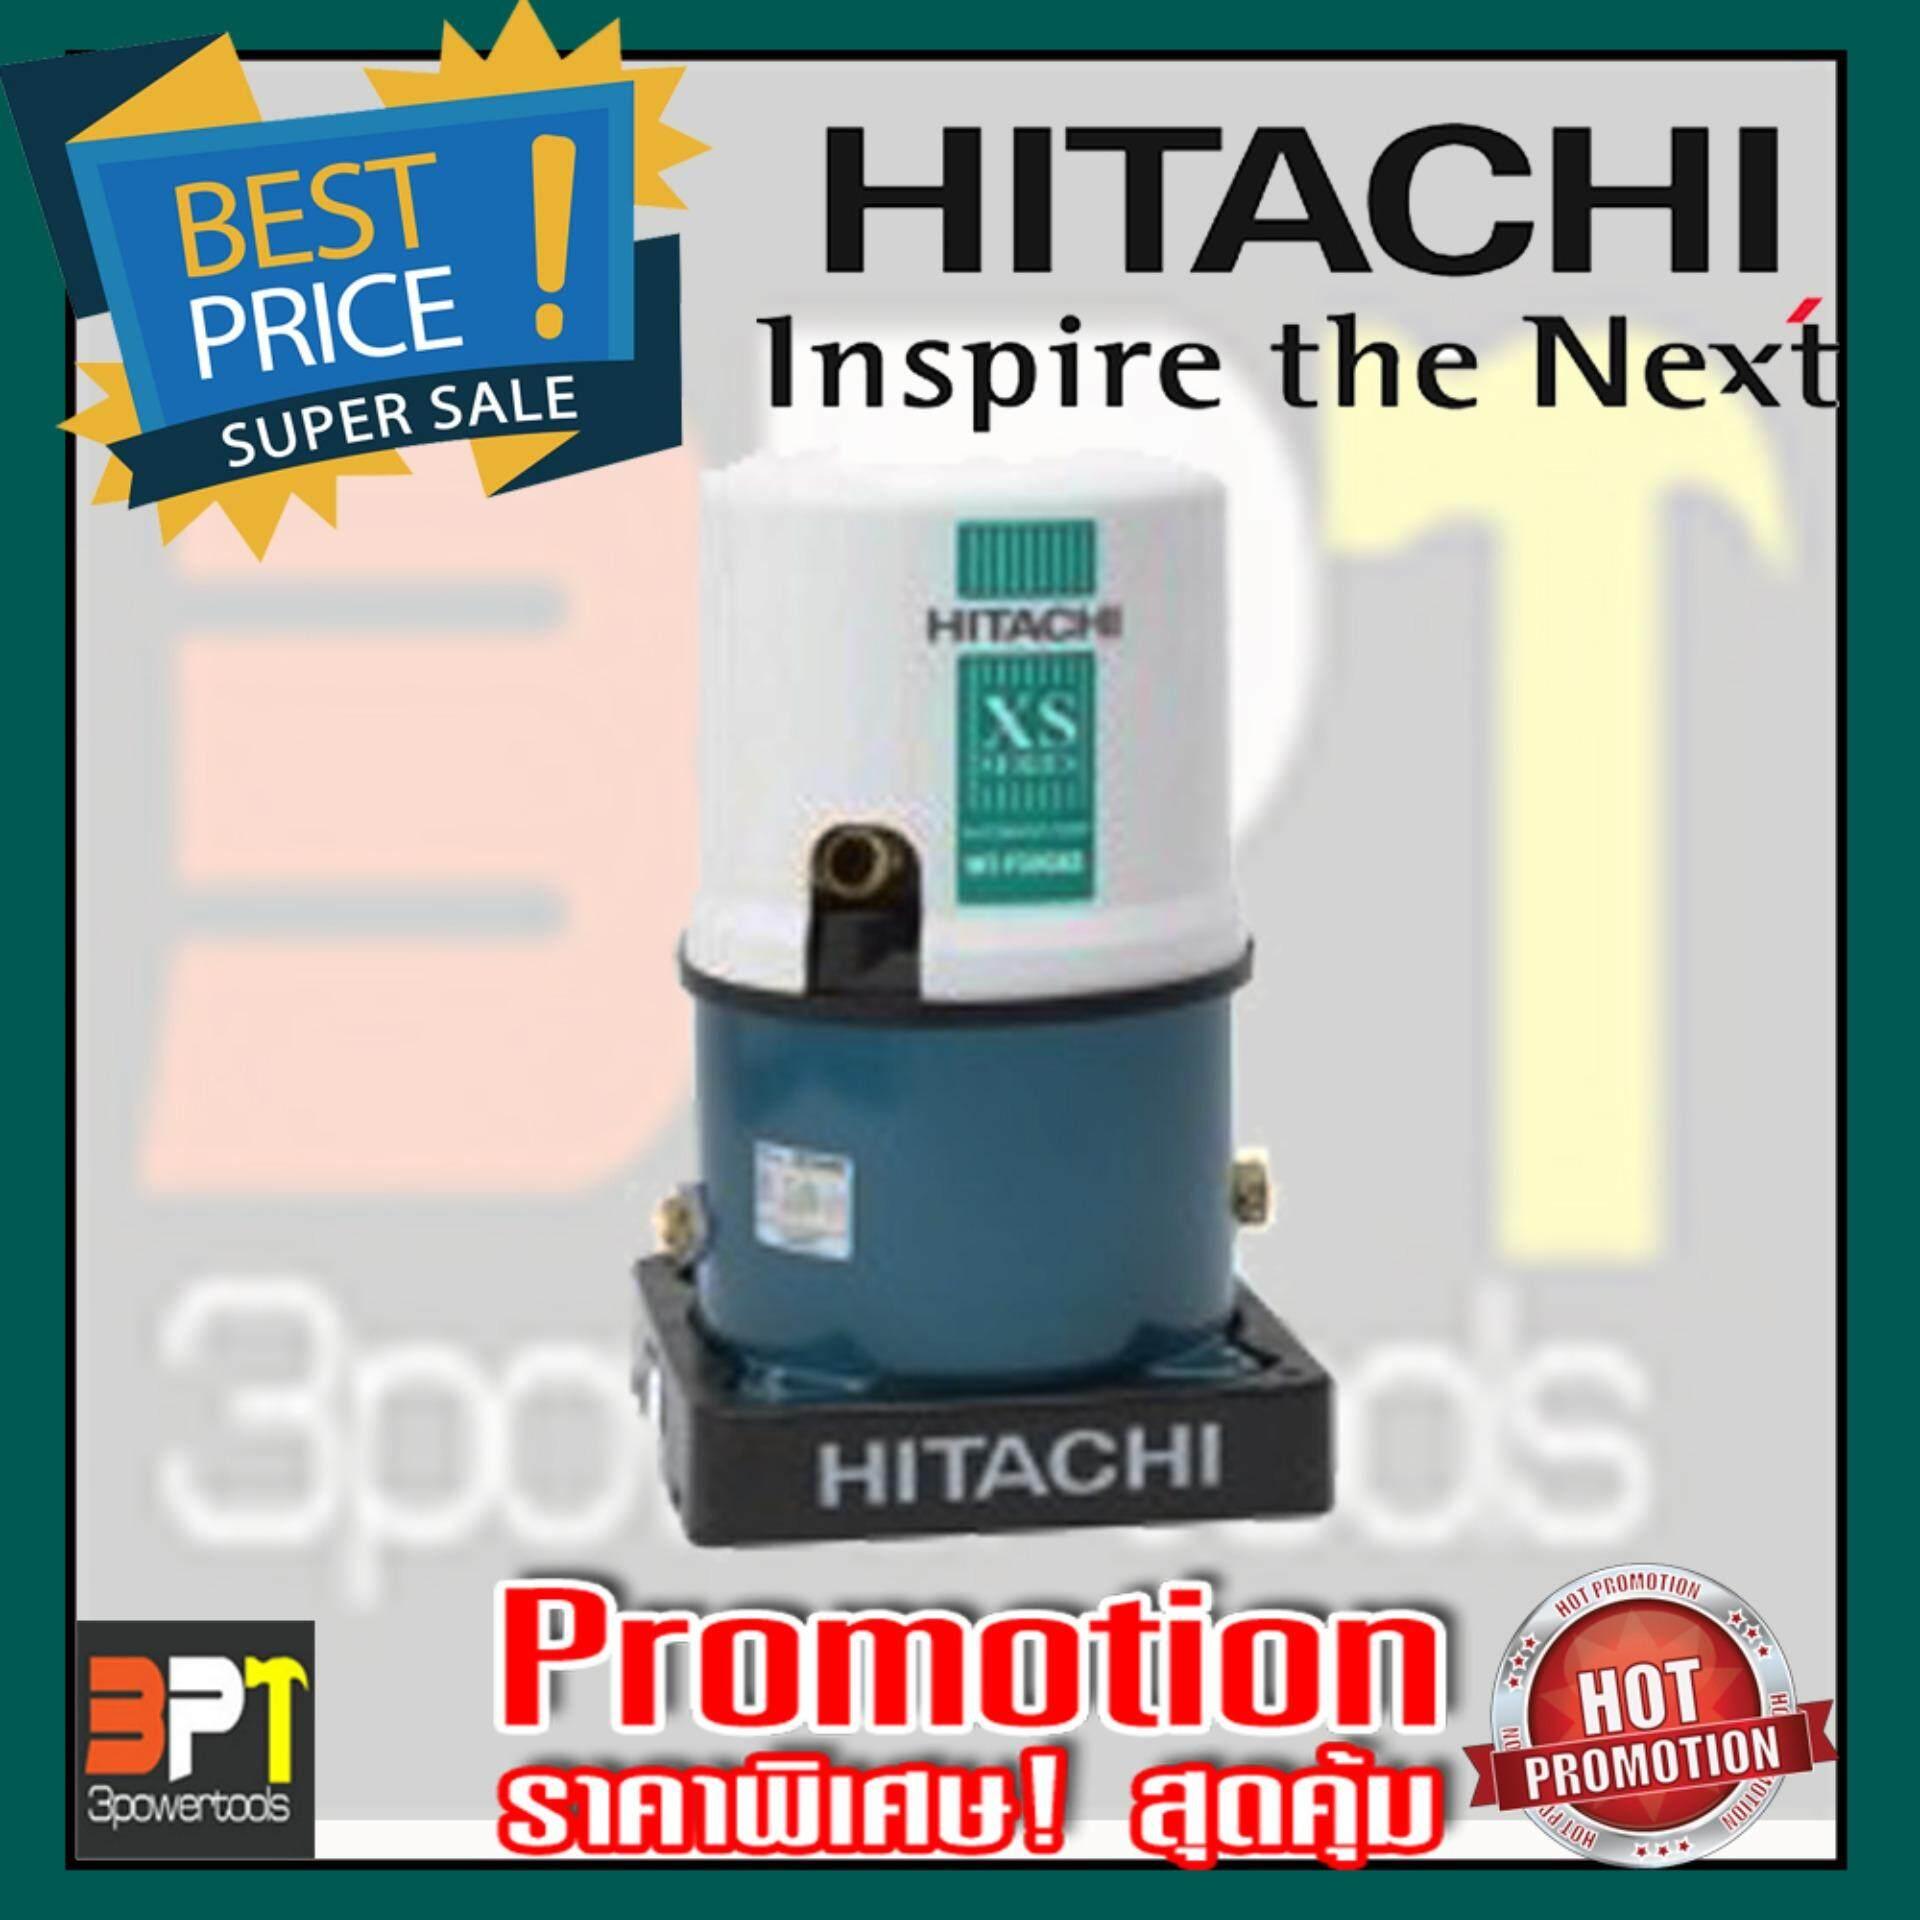 ปั๊มน้ำอัตโนมัติ HITACHI WT-P250XX 250W (สีขาว-ฟ้า)รุ่นใหม่ล่าสุด*ส่งฟรี* รับประกัน 10ปี